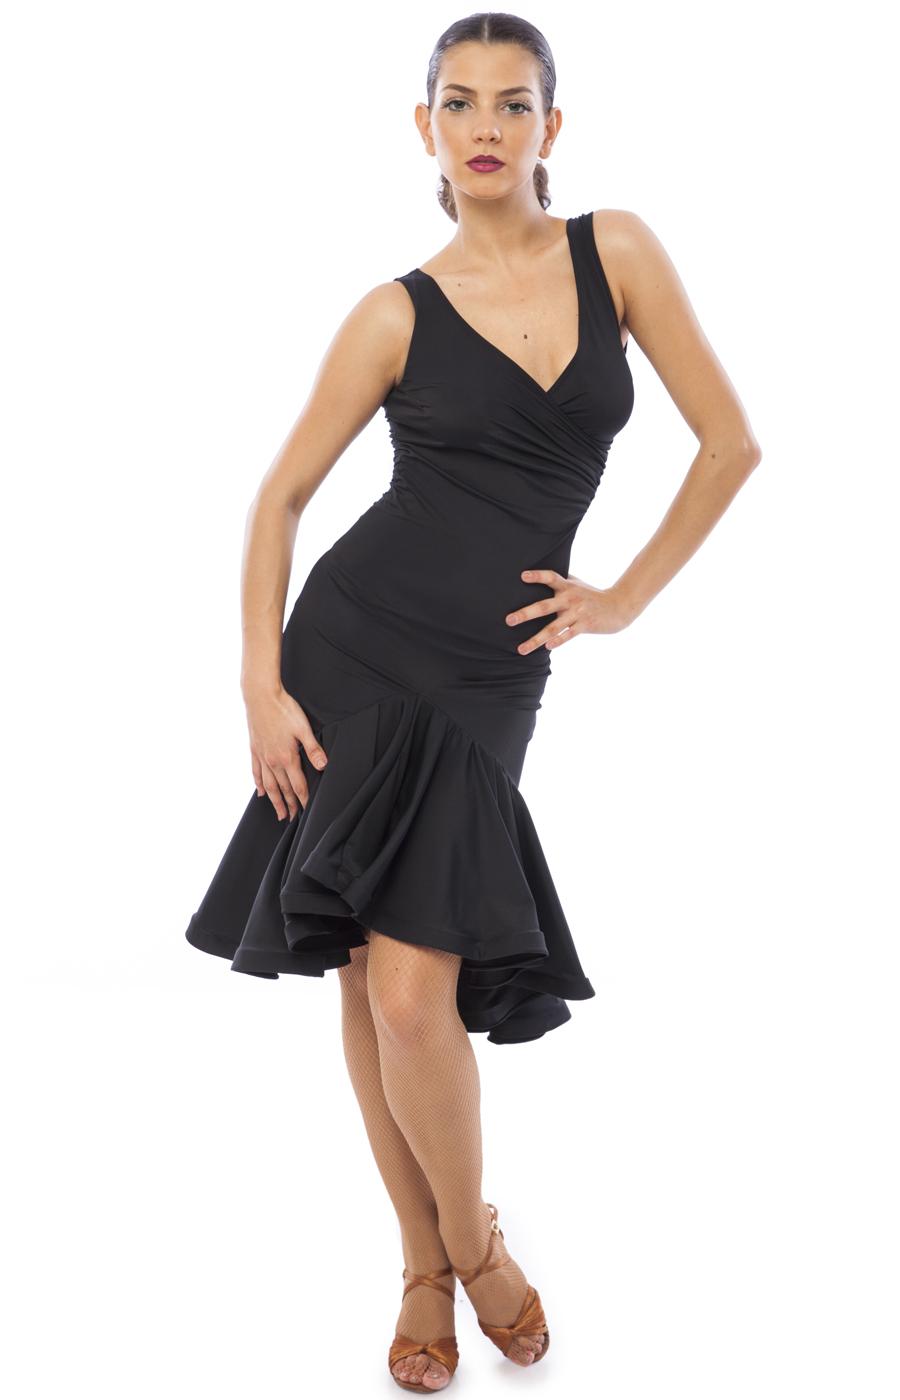 896fec134c290 Sasuel Karina Latin Practice Dress – Tower Ballroom Dance